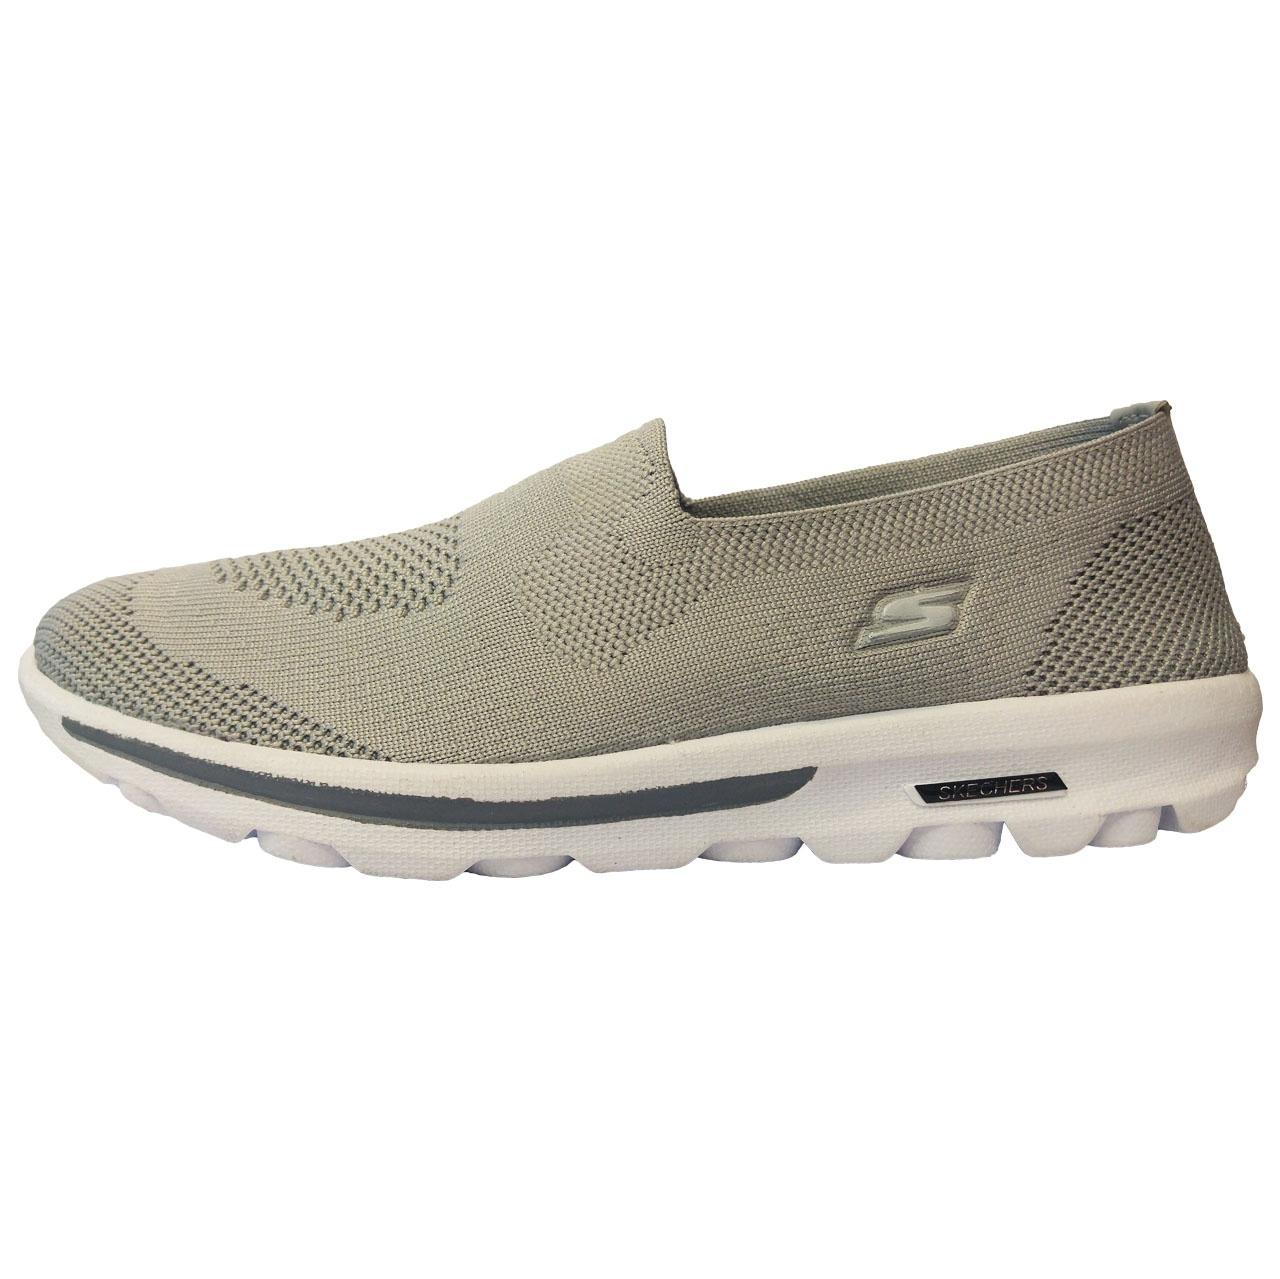 کفش مخصوص پیاده روی مدل بافتی کد 017